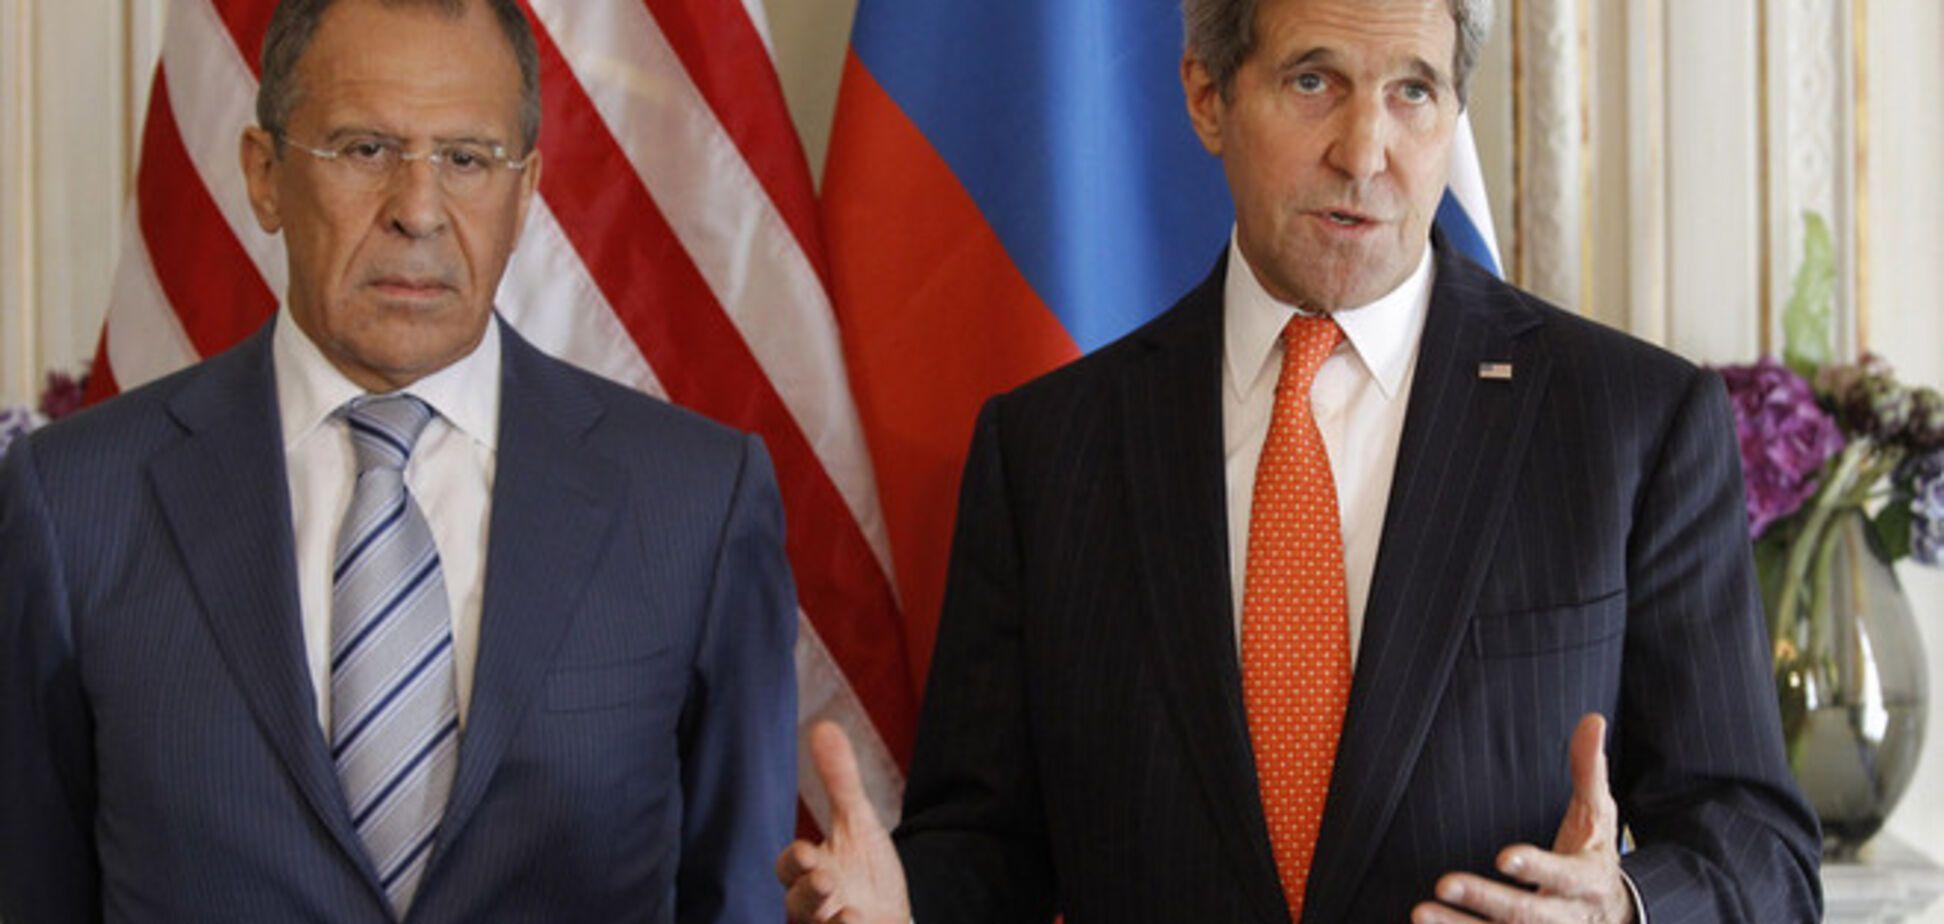 Лавров пожаловался Керри на АТО на Донбассе против российских террористов